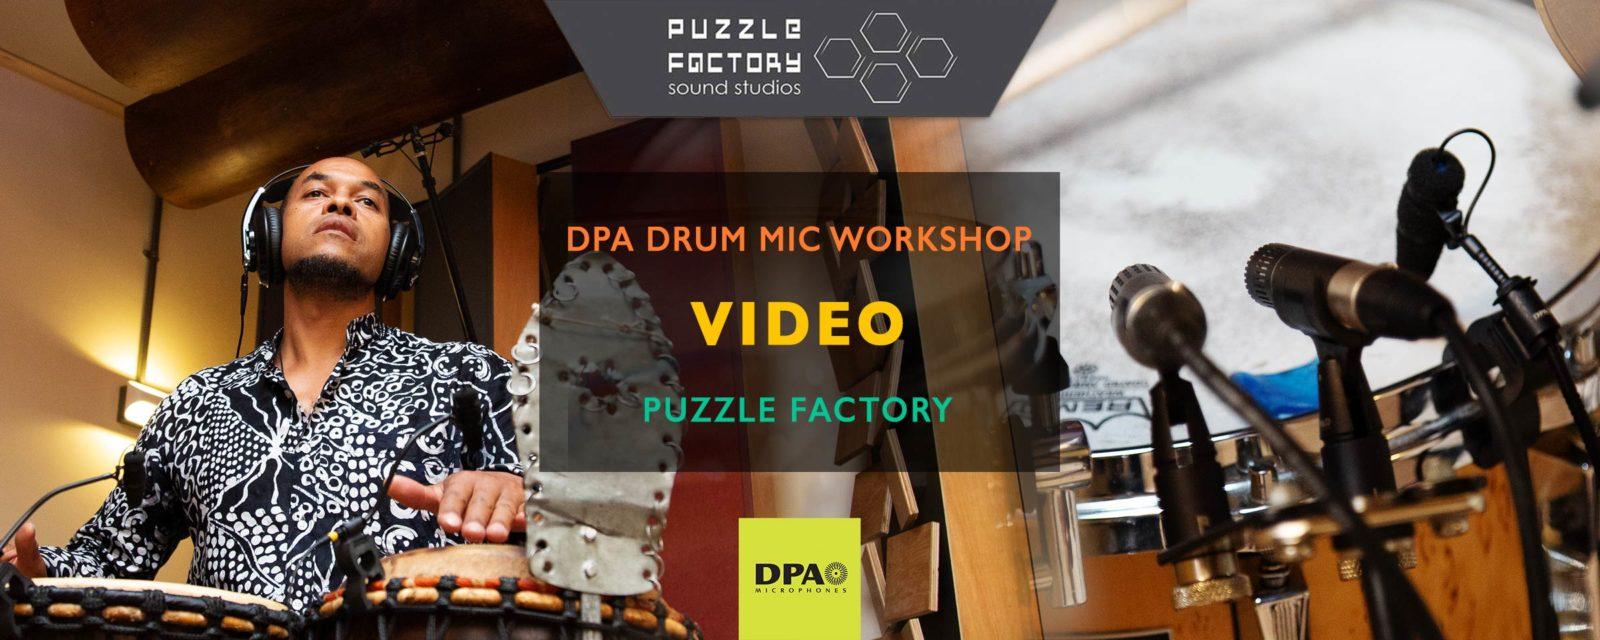 puzzle-factory-dpa-drum-workshop-20180906